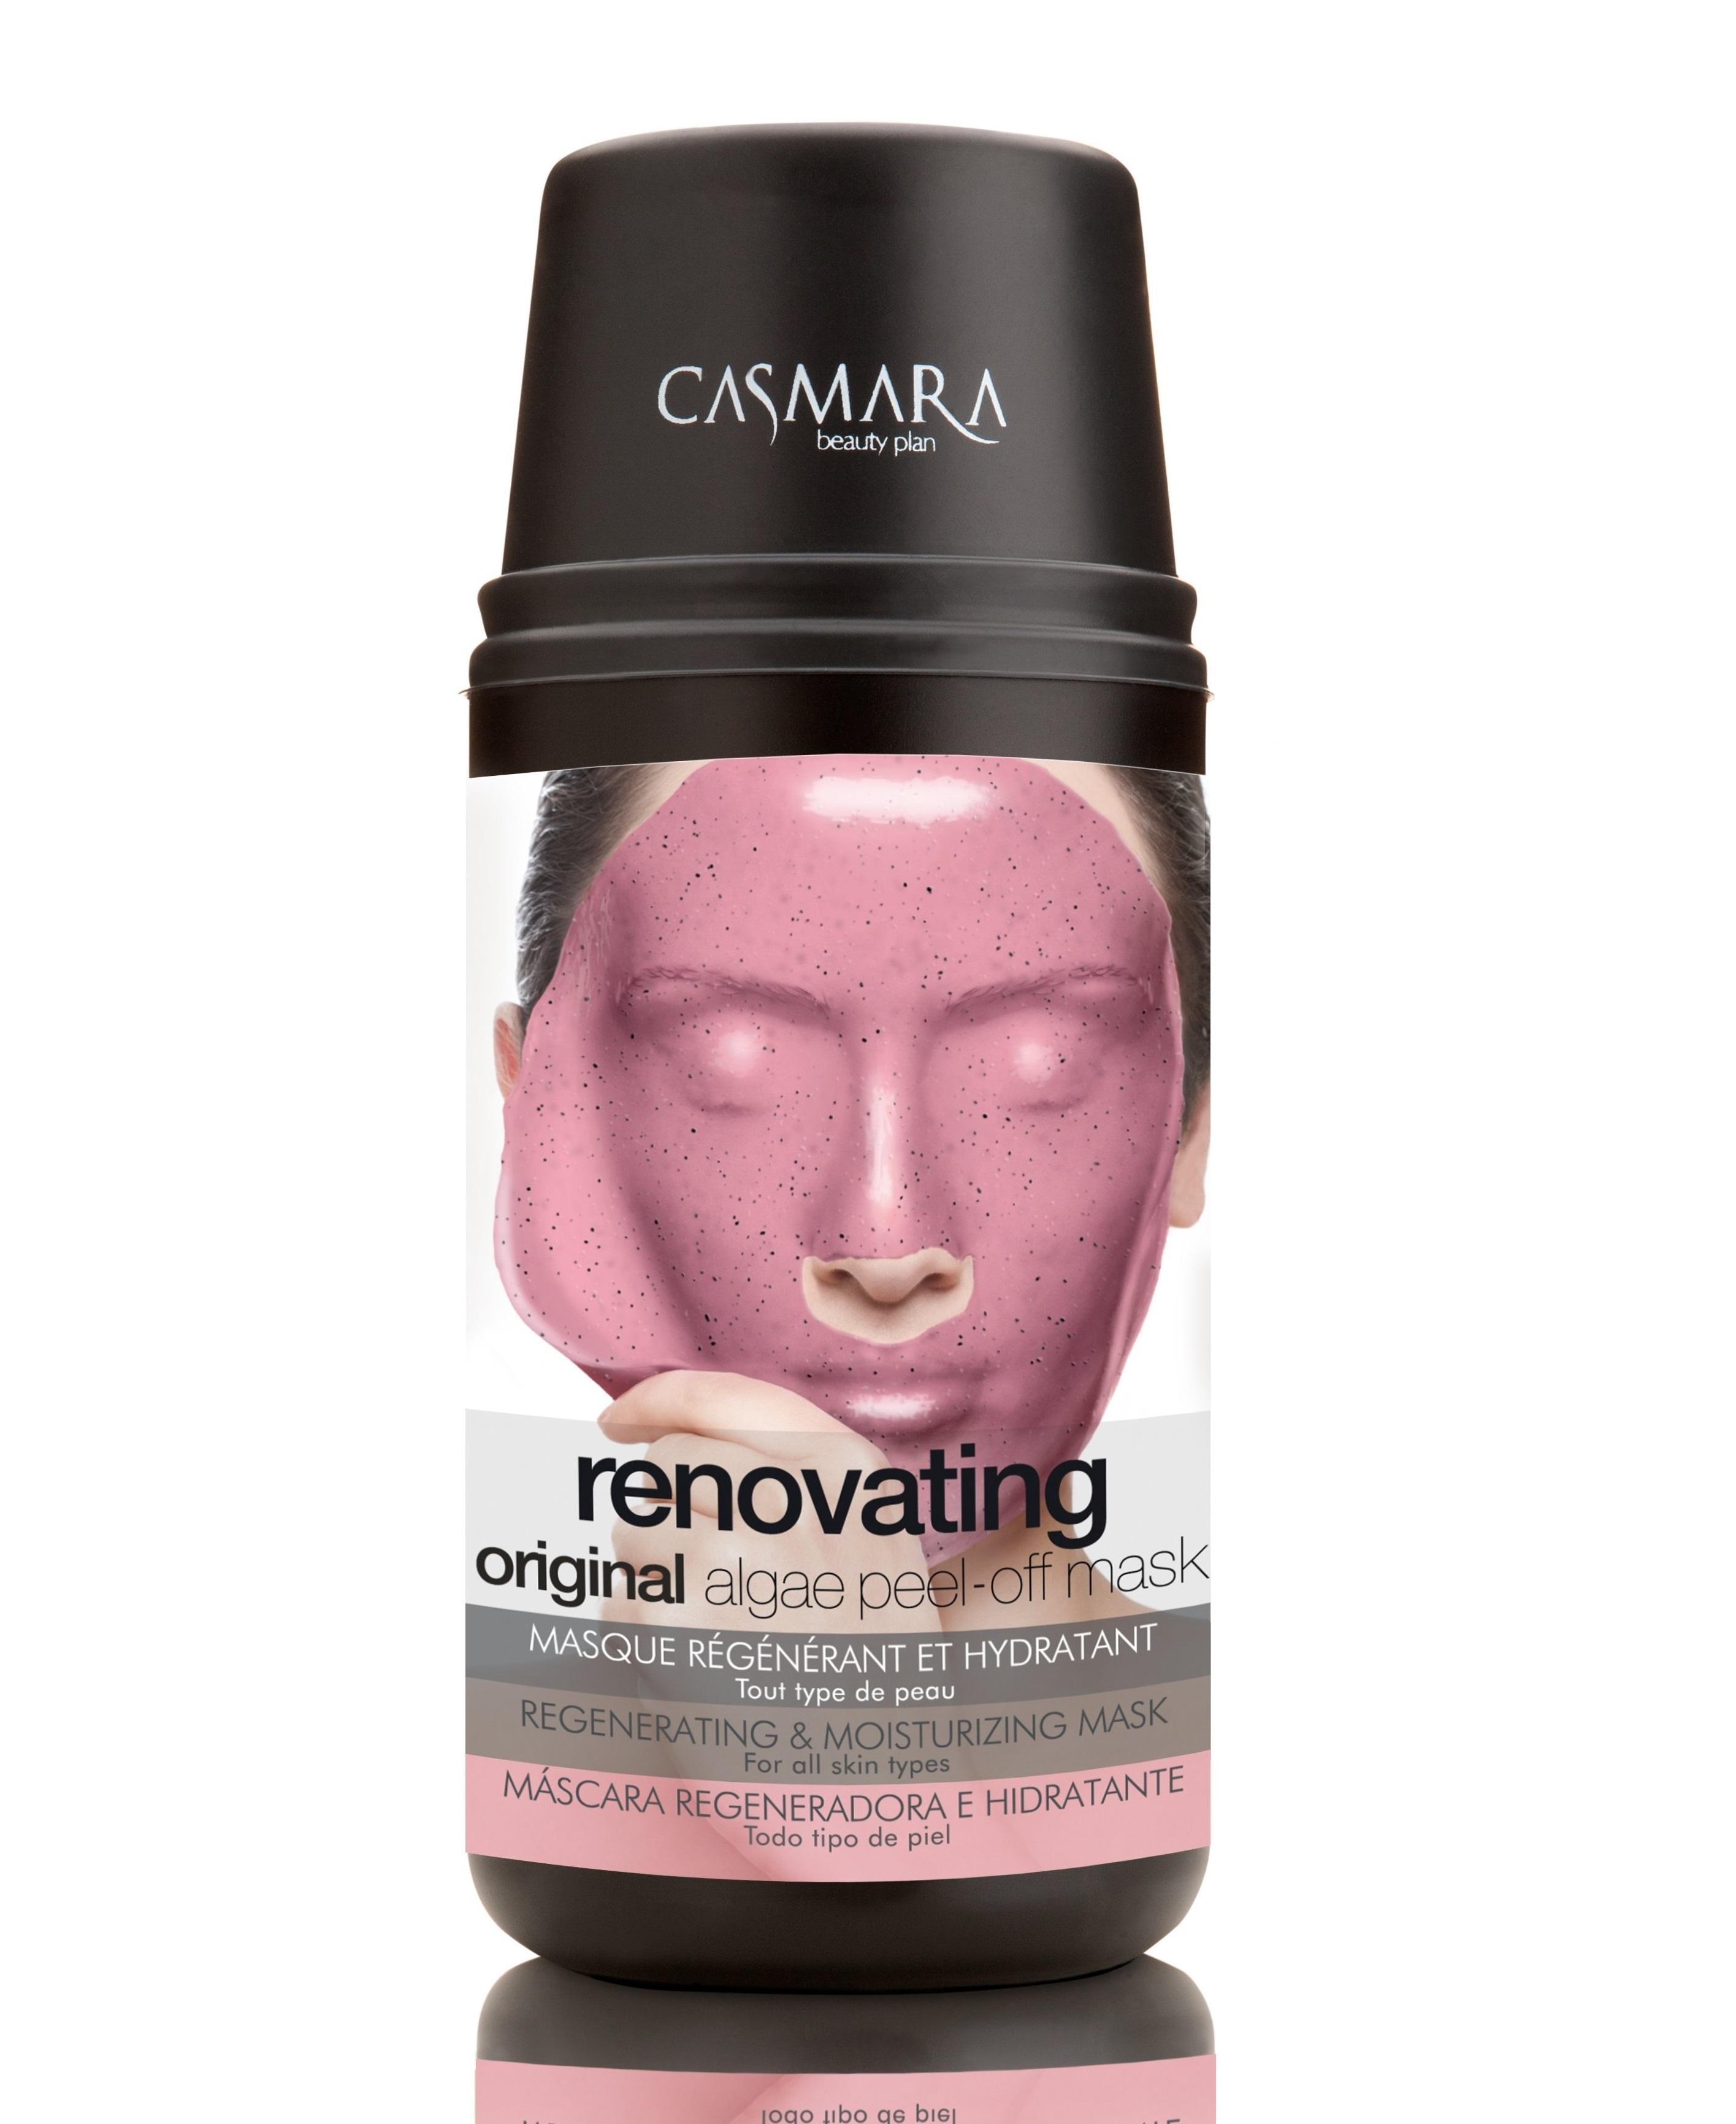 CASMARA Набор Бьюти для лица Обновление (регенерирующая и увлажняющая маска 1 шт, регенерирующий крем для лица 4 мл) - Наборы